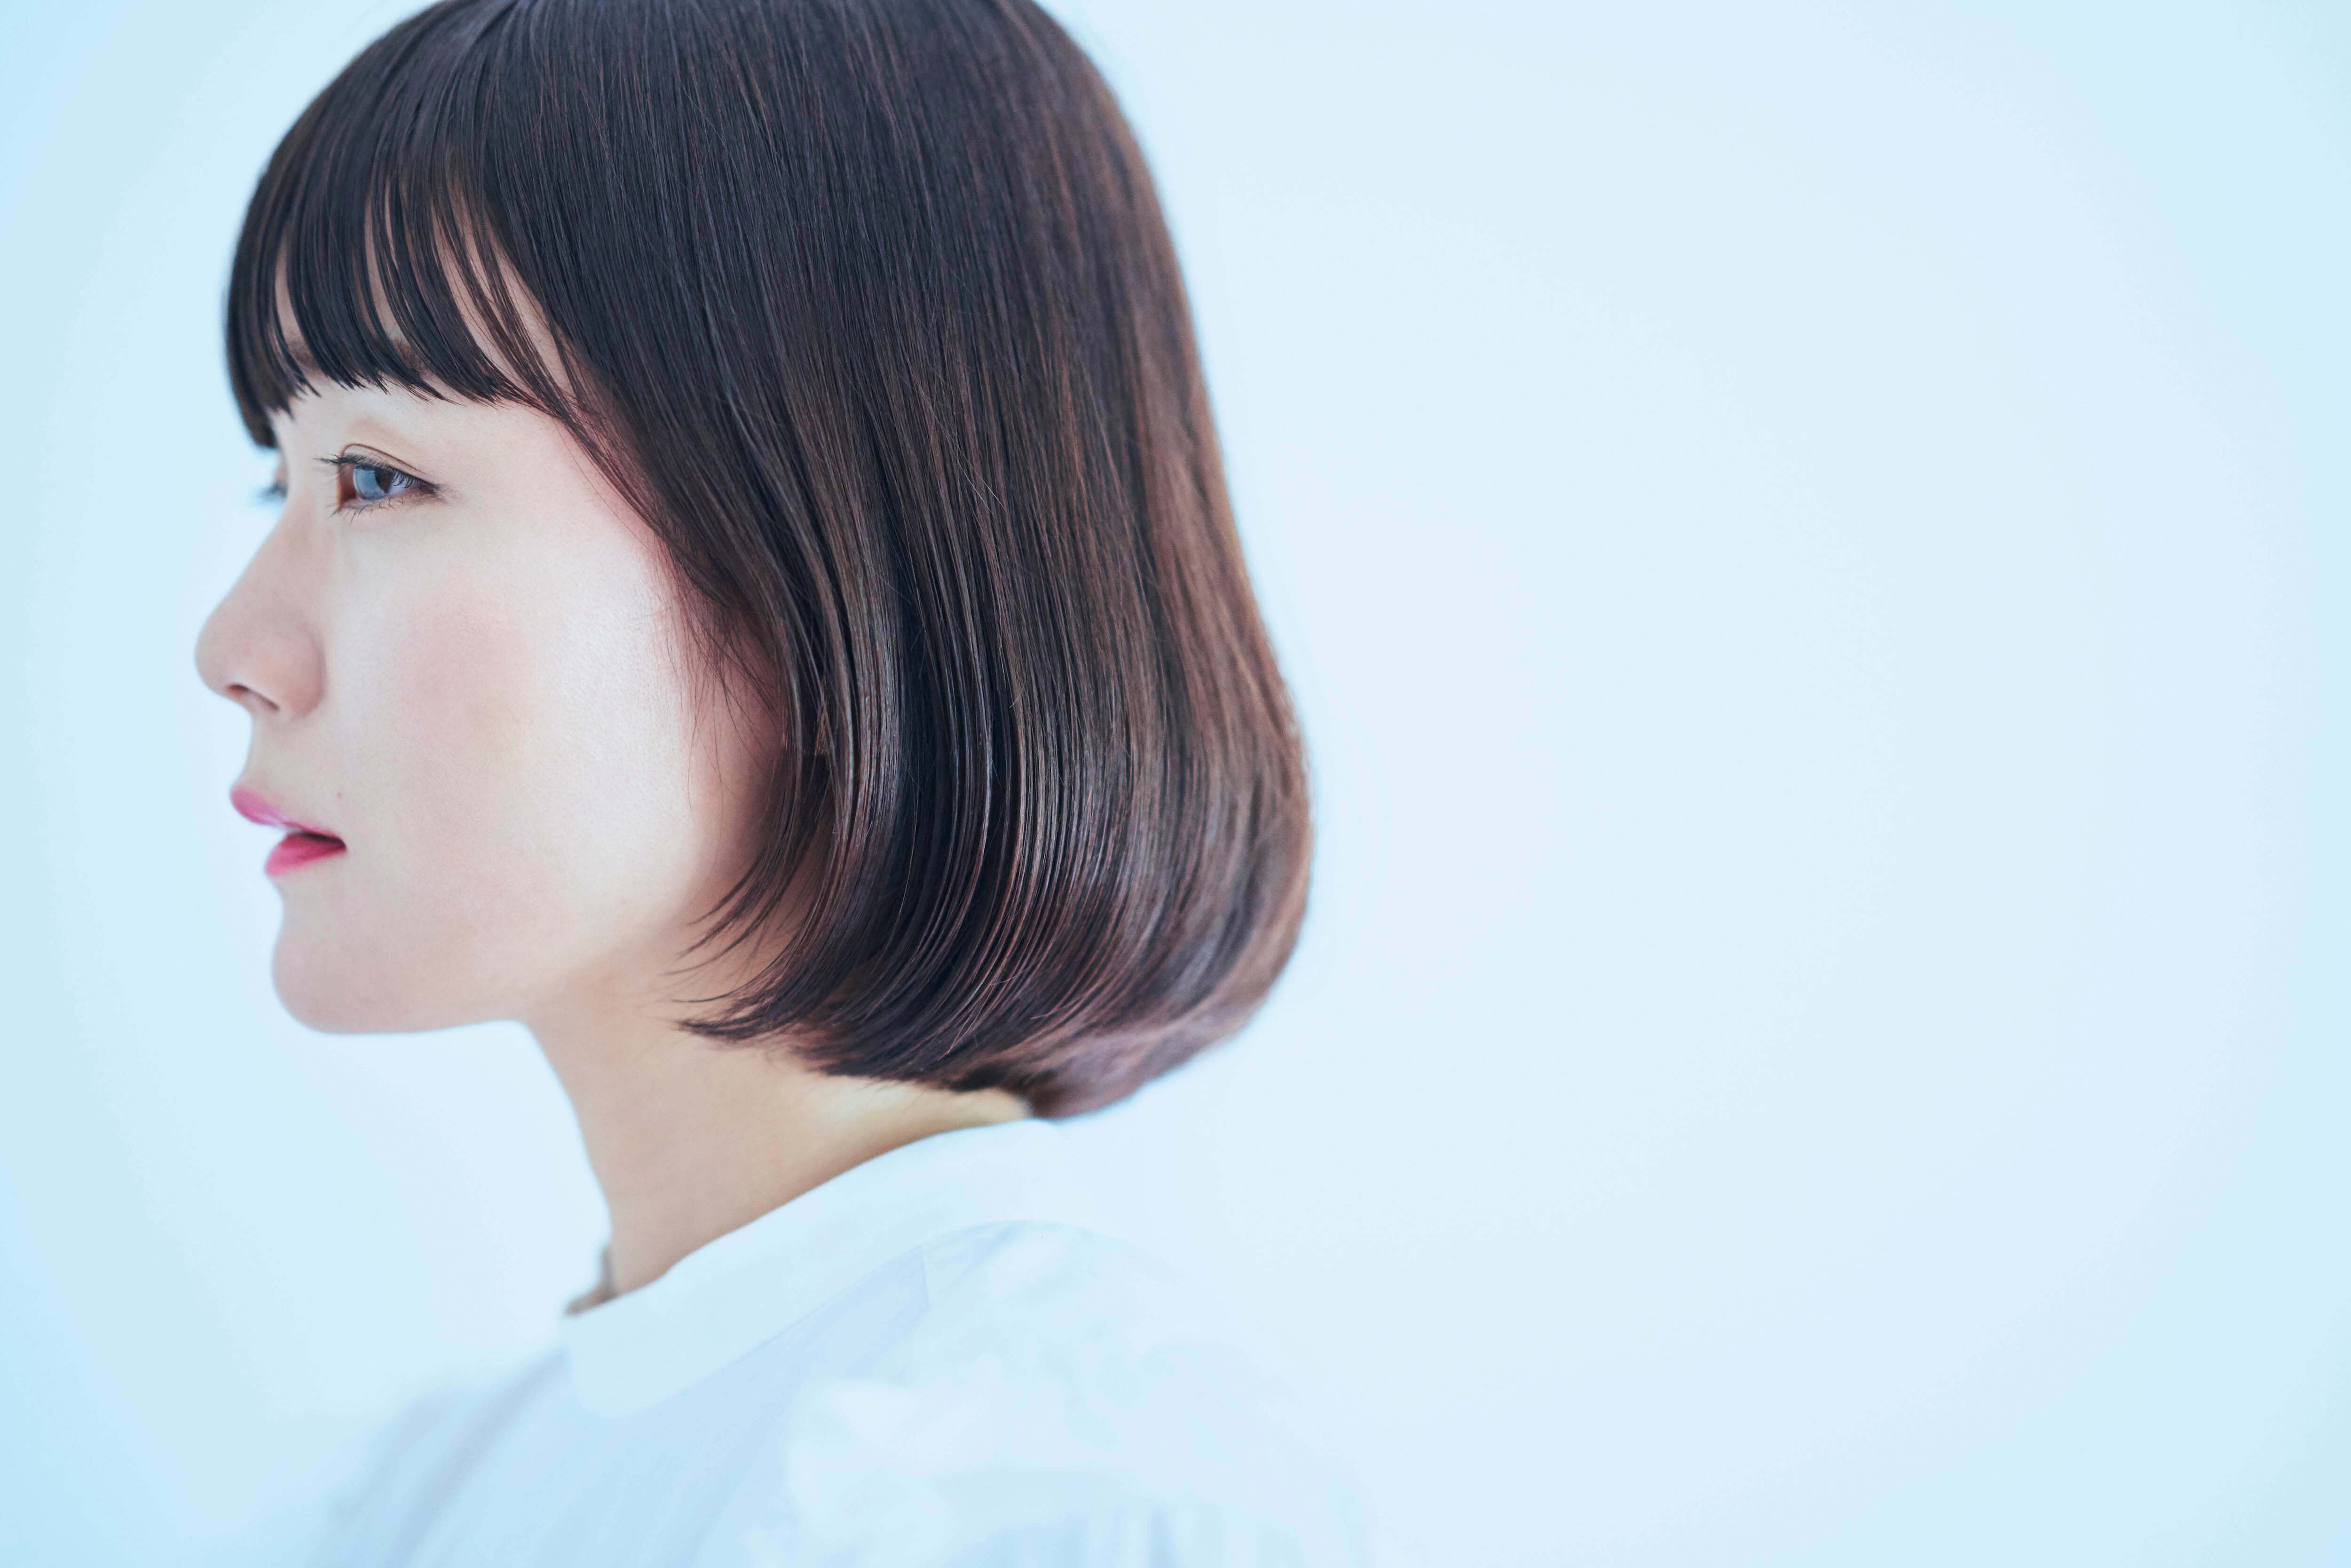 吉澤嘉代子「女優姉妹」から、J-WAVE、TOKYO FM、ニッポン放送で新曲オンエア解禁決定